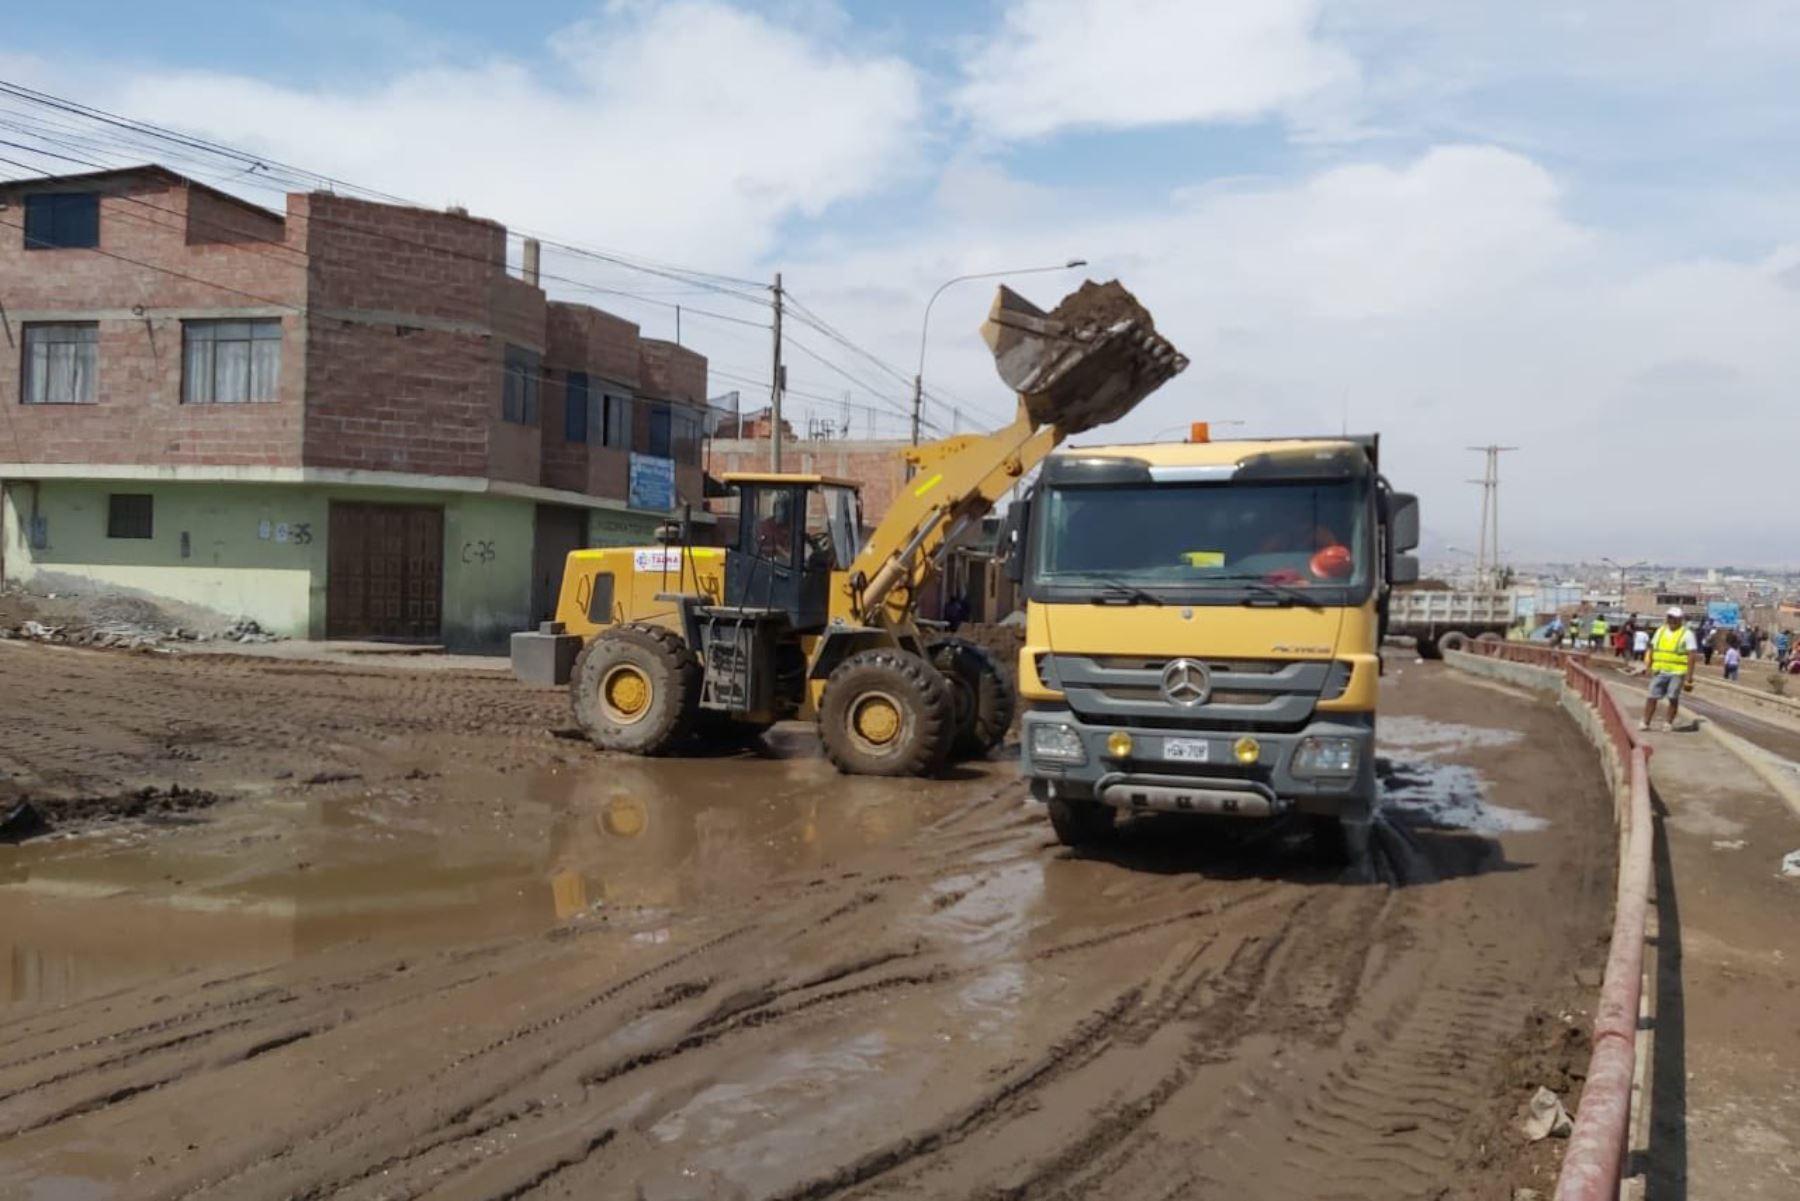 MTC continúa con trabajos en zonas afectadas por huaico en Tacna. Foto: MTC PERU